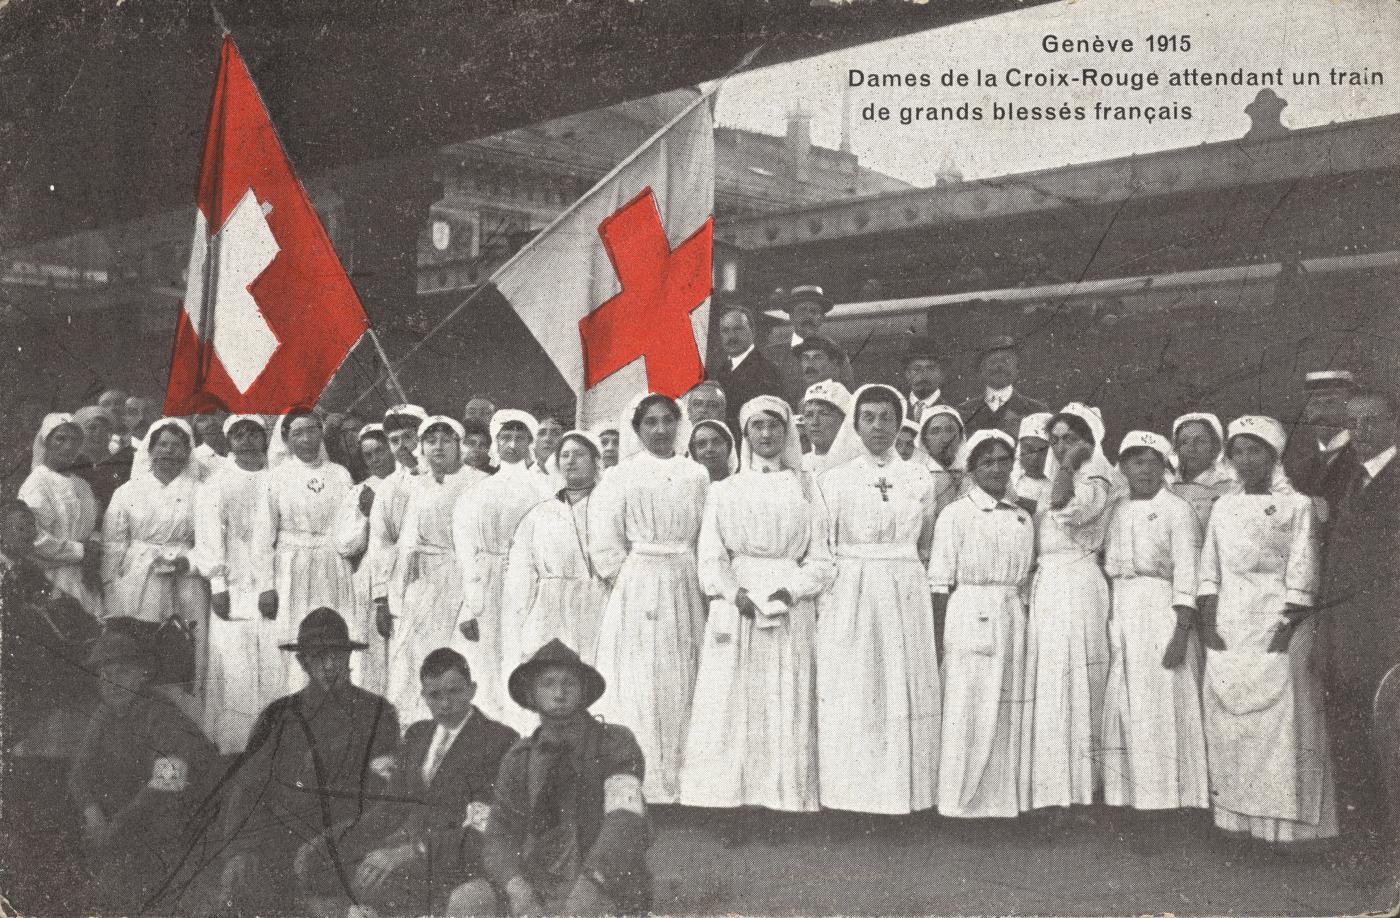 Le drapeau suisse et le drapeau de la Croix-Rouge côte-à-côte à Genève en 1915